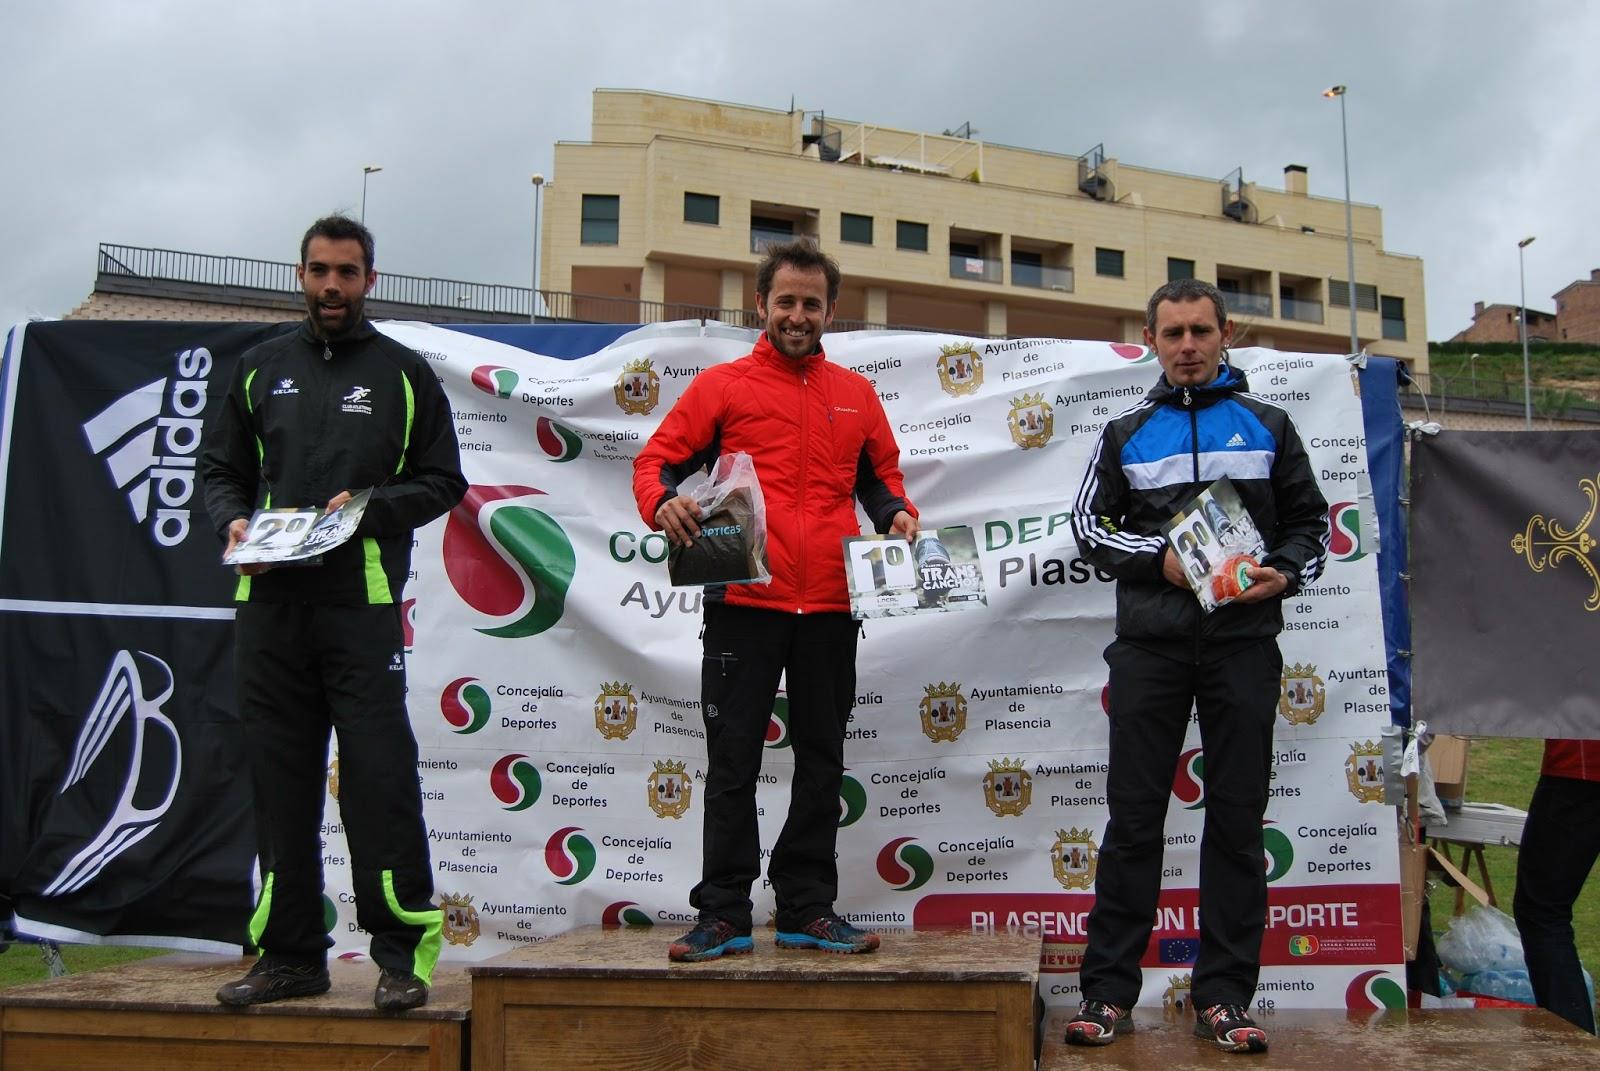 Kiko Lázaro subcampeón en la II Transcanchos placentina